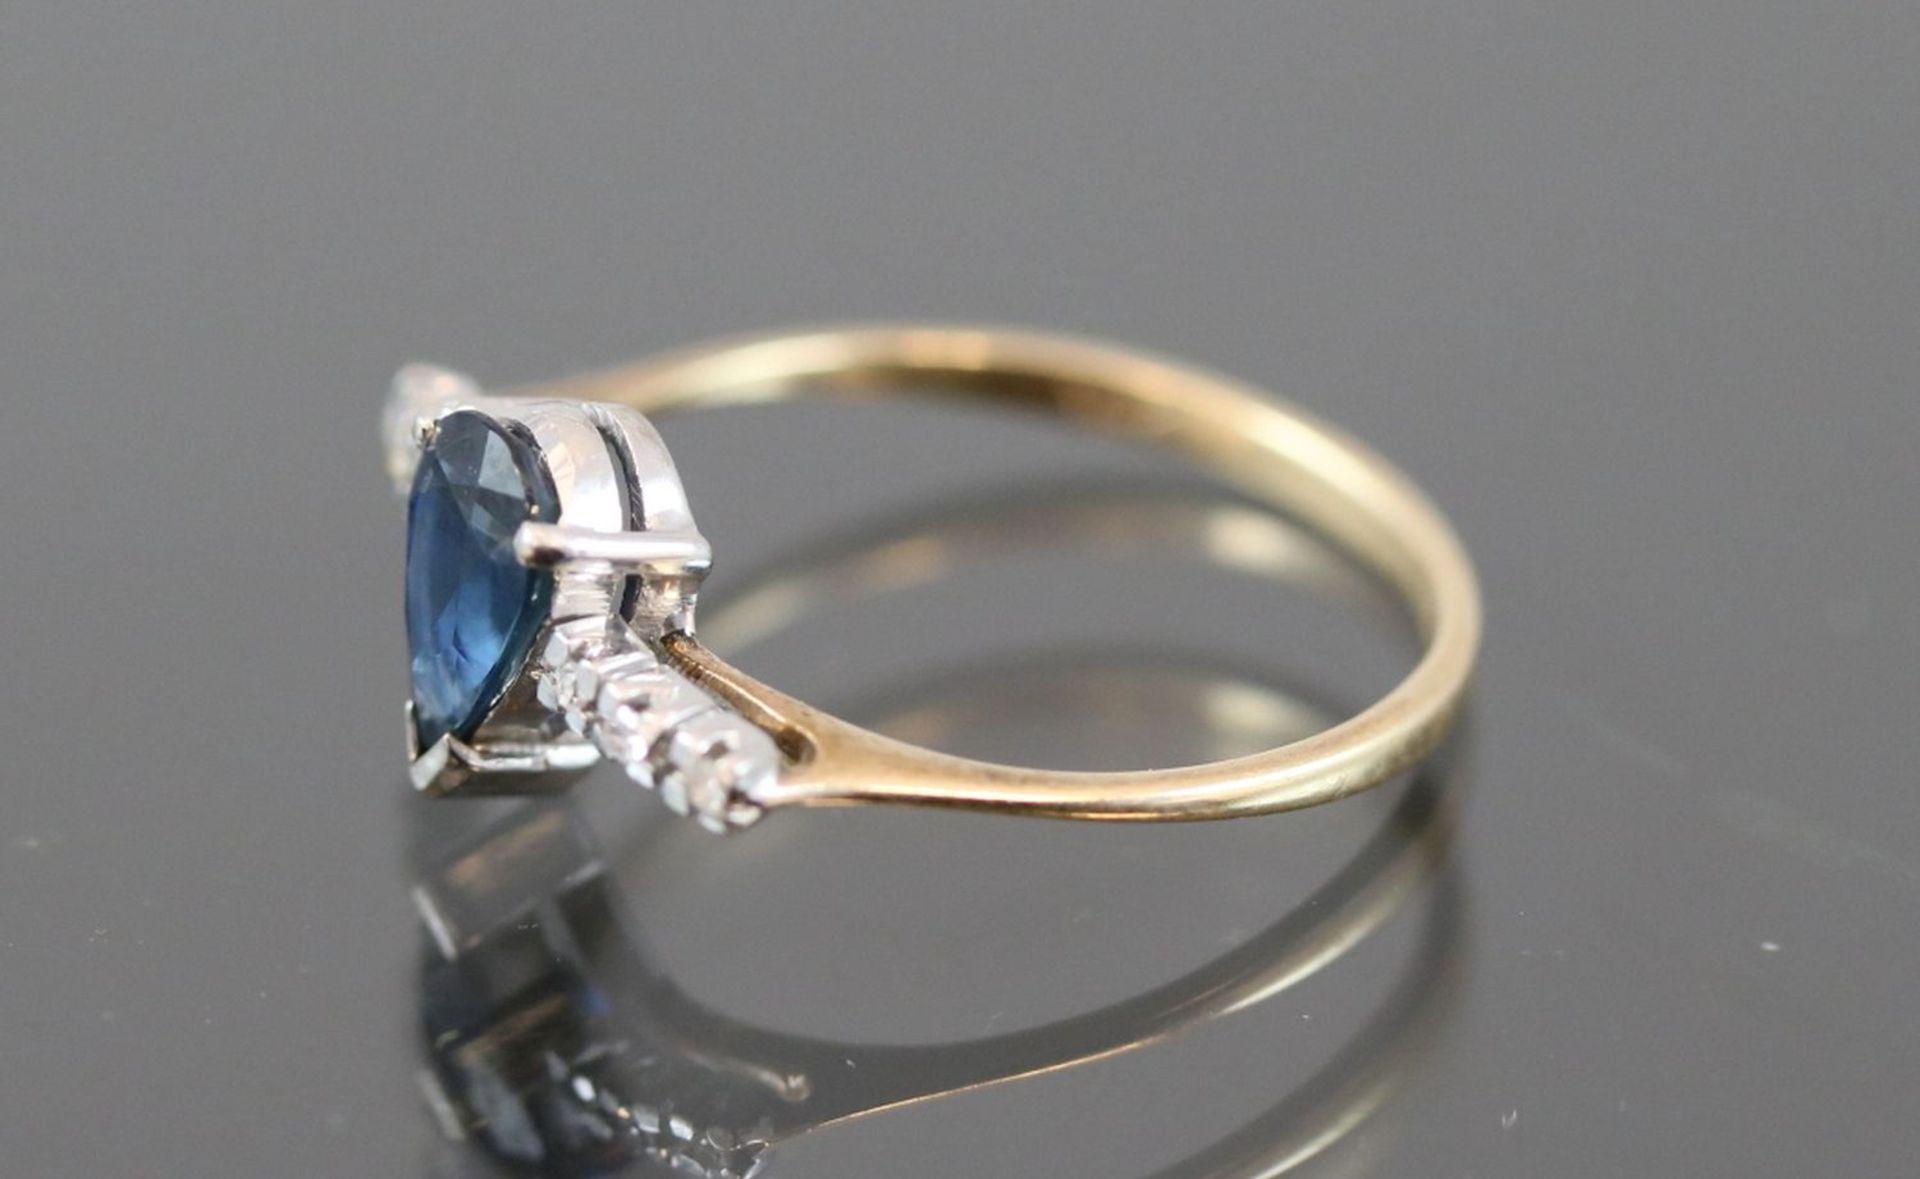 Los 37 - Saphir-Diamant-Ring, 585 Gold1,5 Gramm 6 Diamanten, 0,06 ct., w/p1. Ringgröße: 53Schätzpreis: 600,-